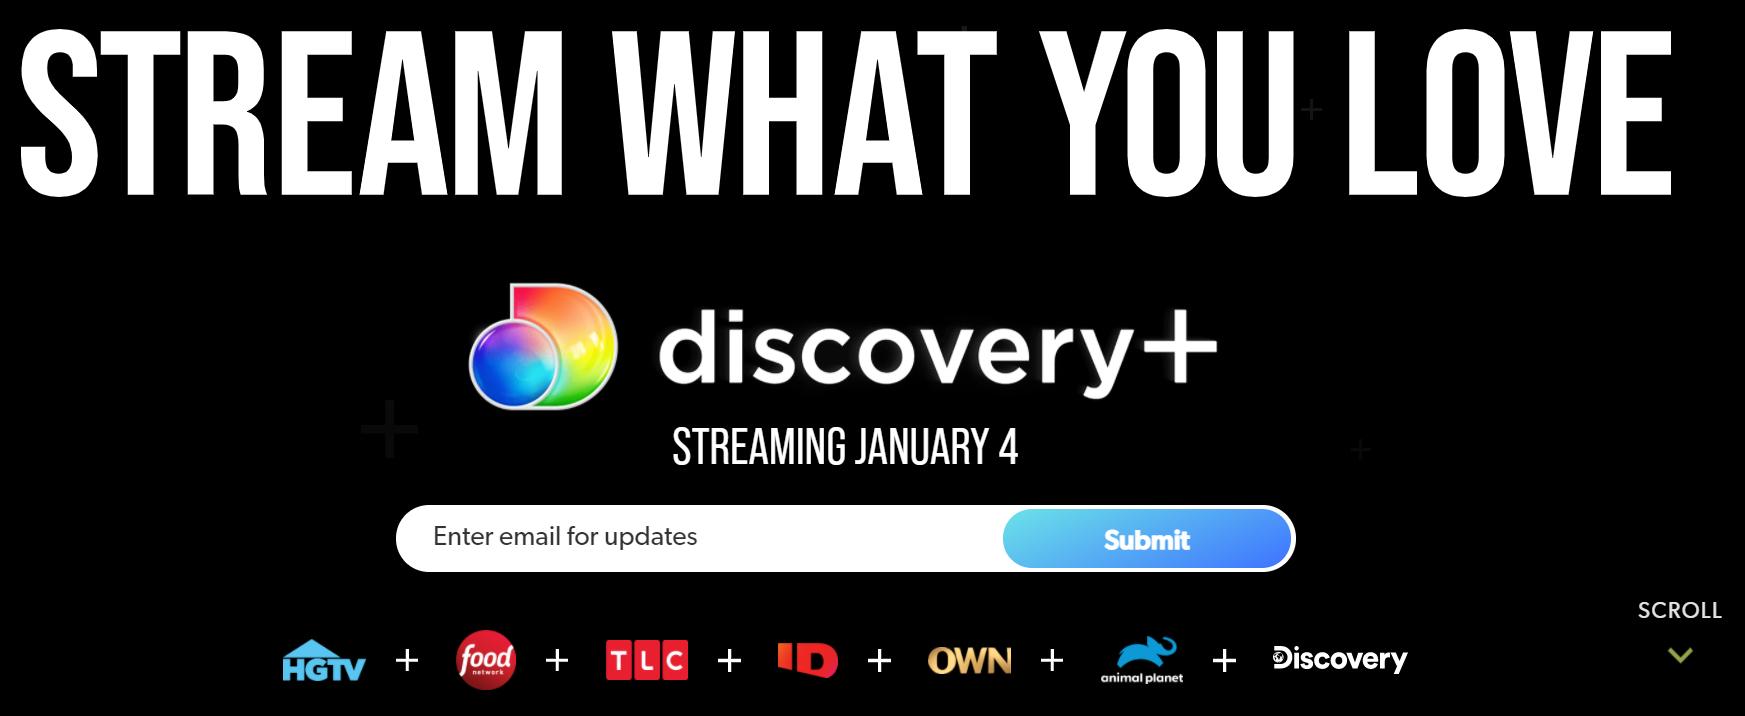 Discovery+ hulu + live tv alternatives